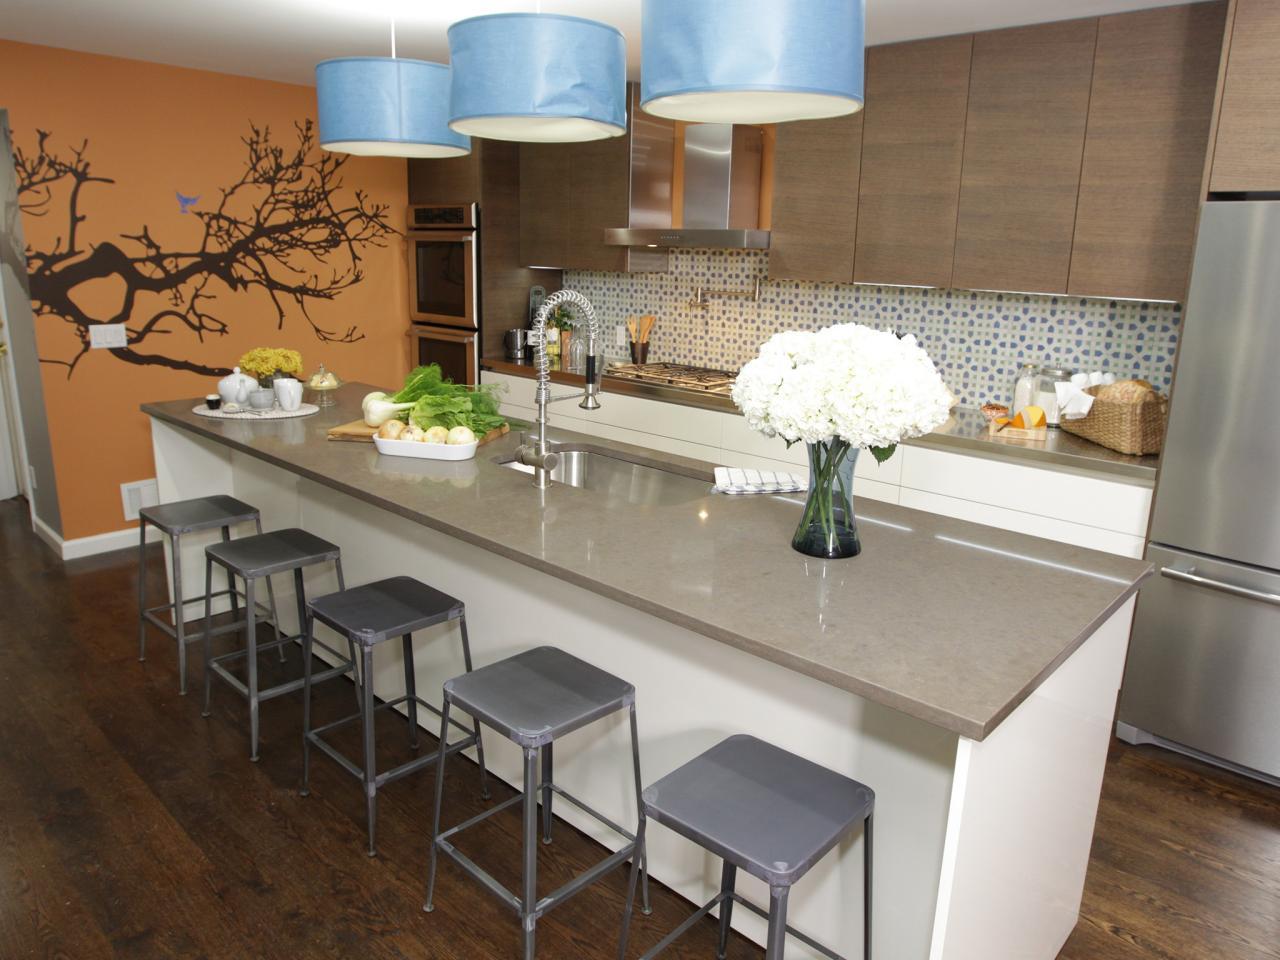 Best Kitchen Island With a Breakfast Bar kitchen islands with breakfast bar